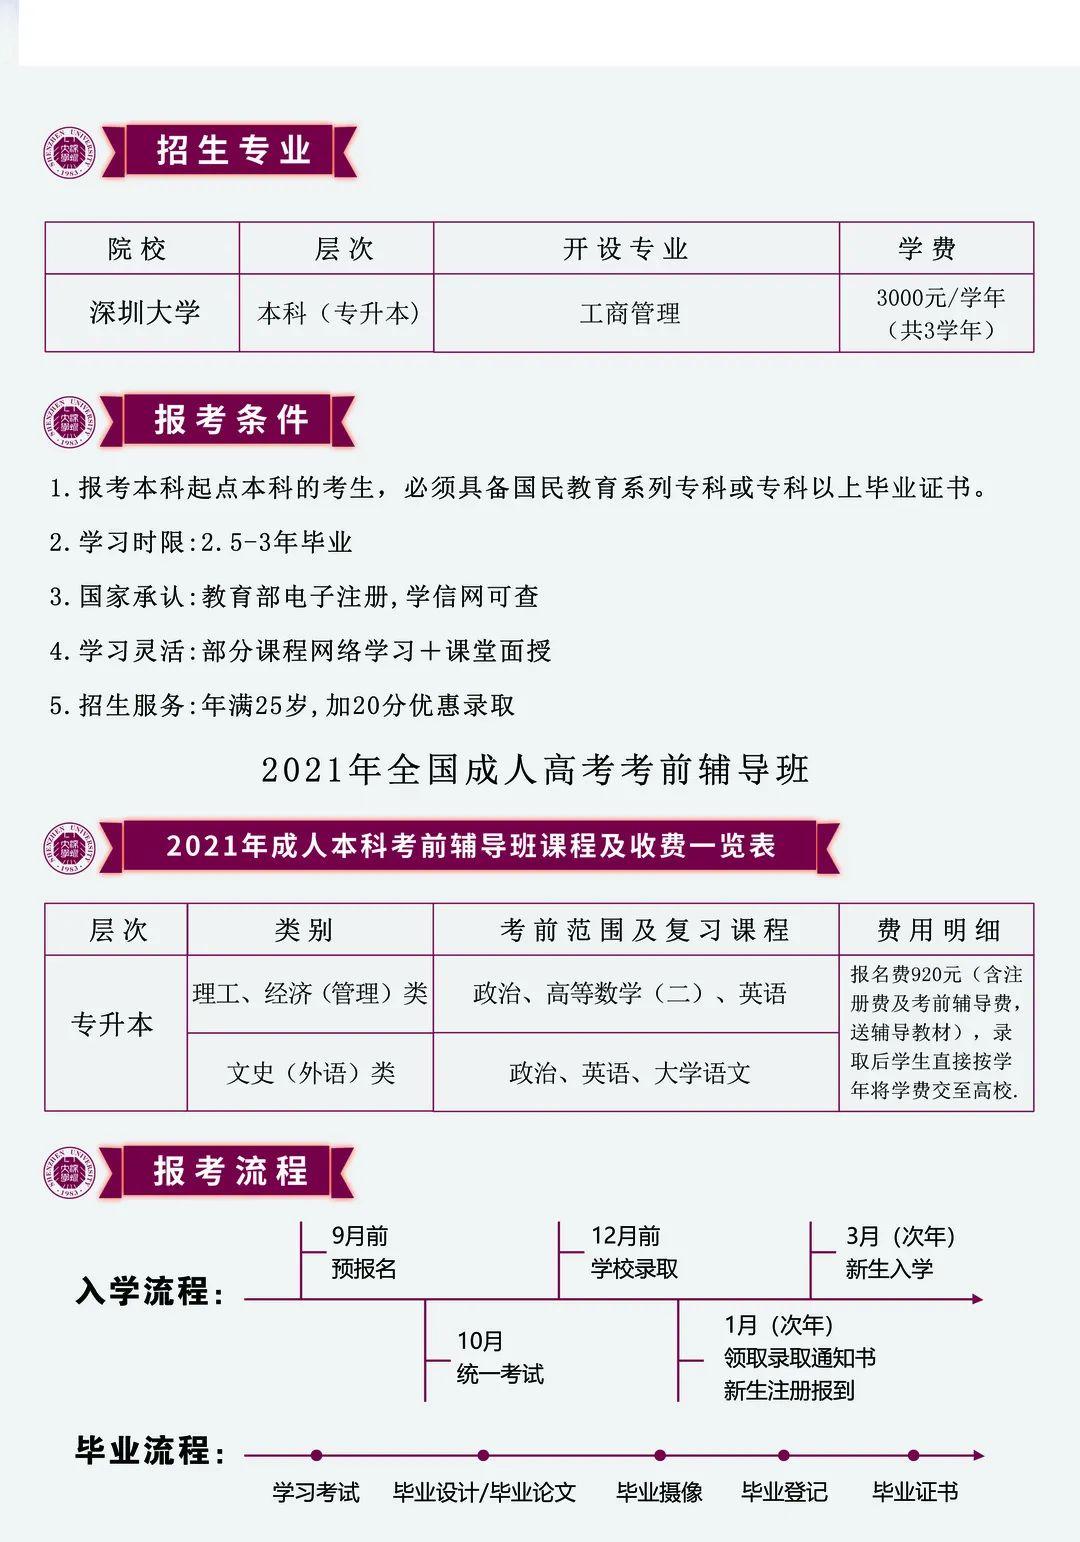 深圳大学本科招生只需要920元